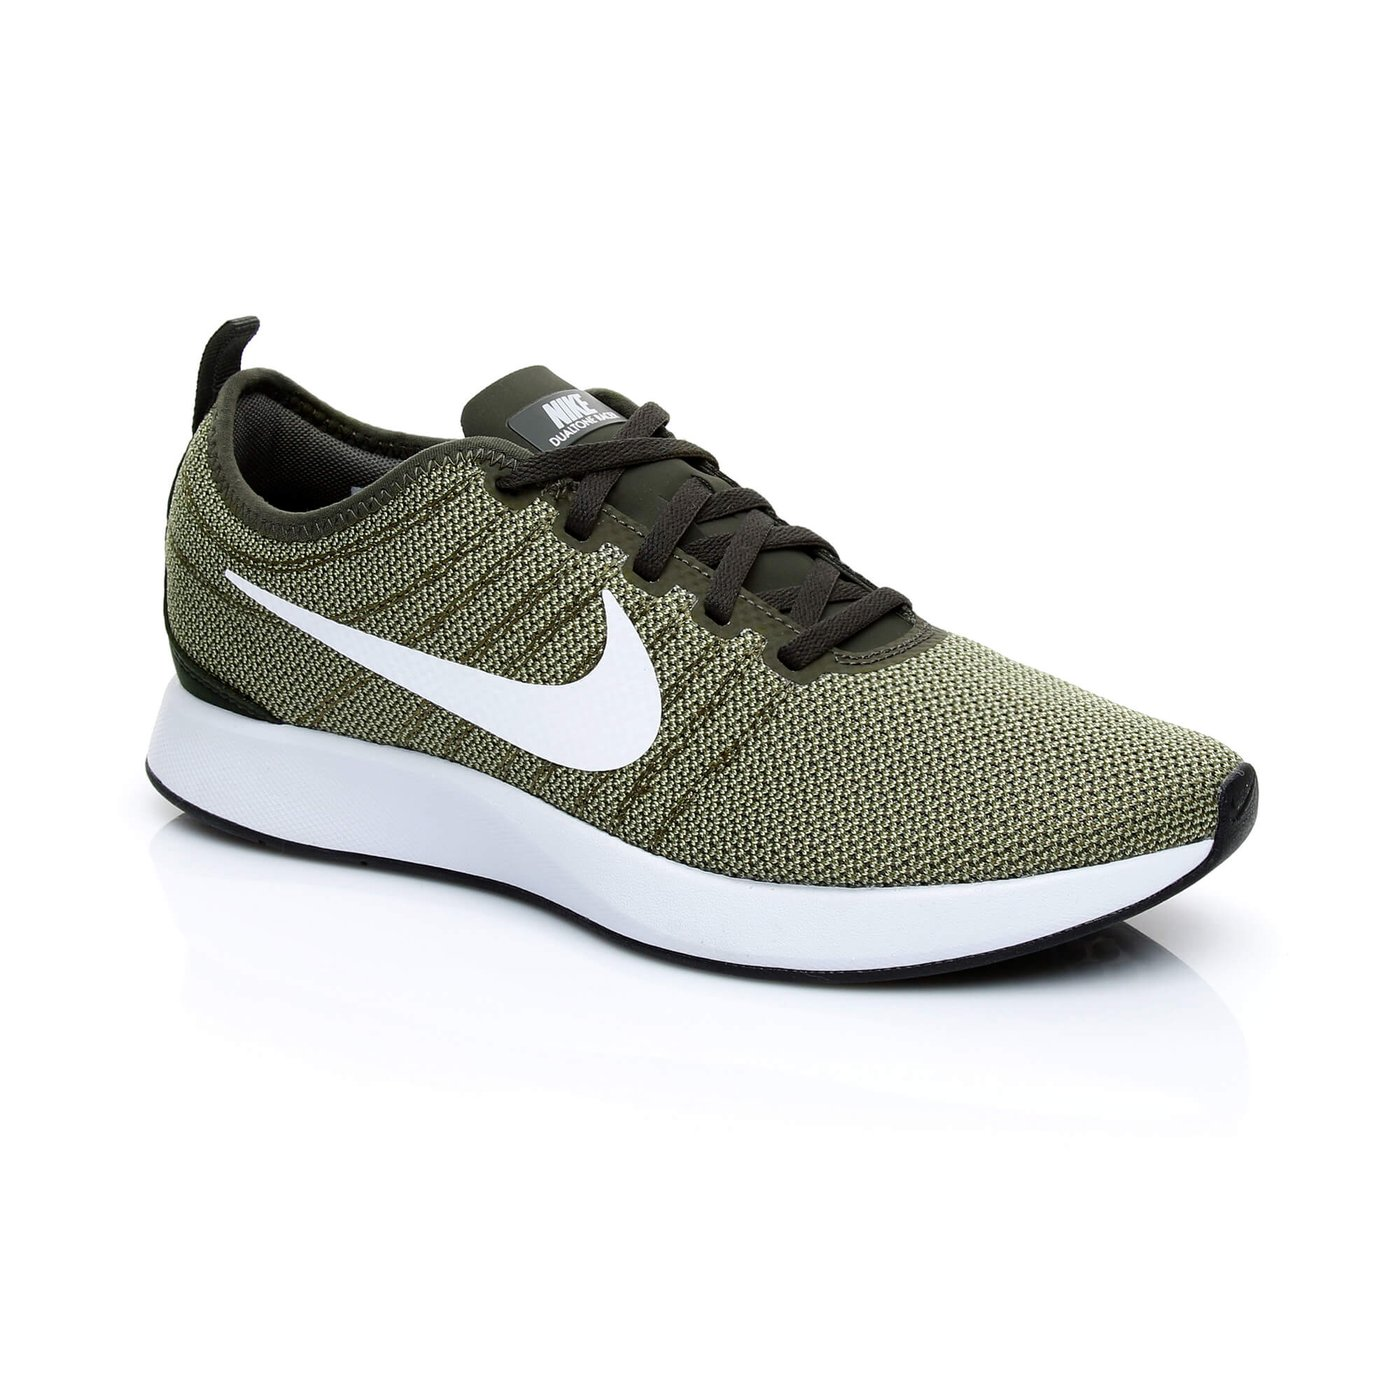 Nike Dualtone Racer Erkek Yeşil Spor Ayakkabı